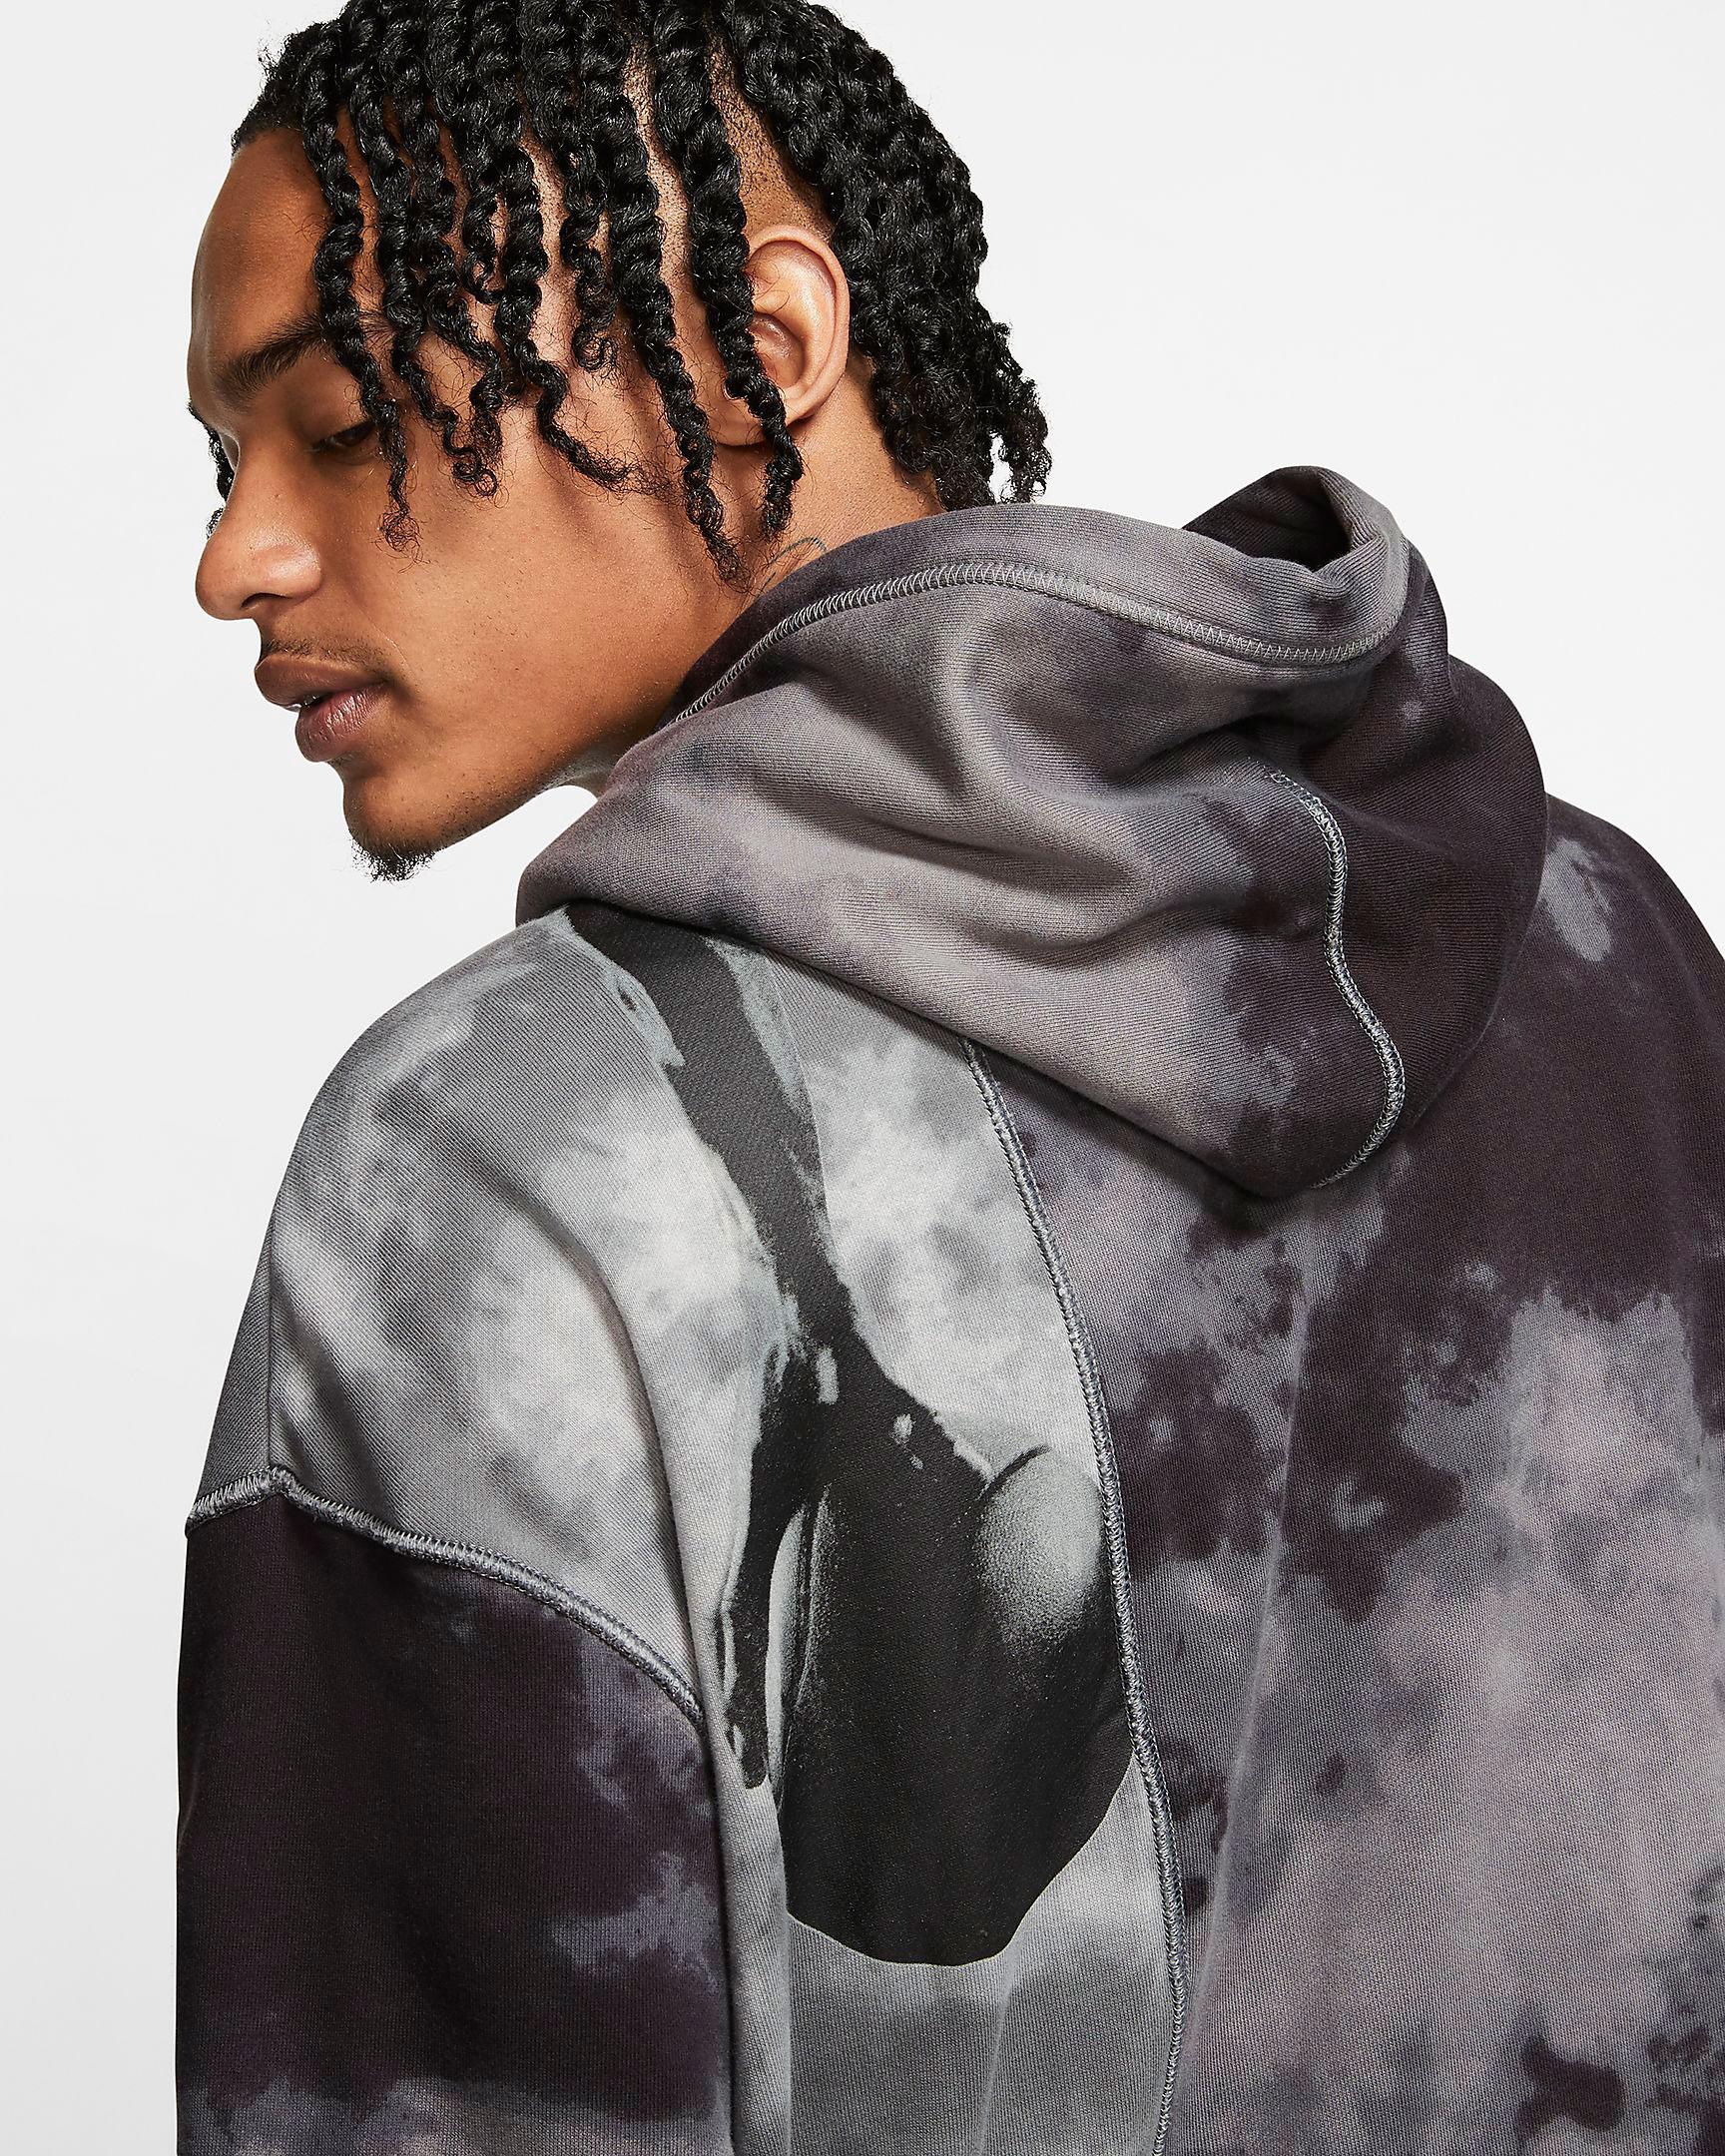 jordan-9-black-smoke-grey-hoodie-3